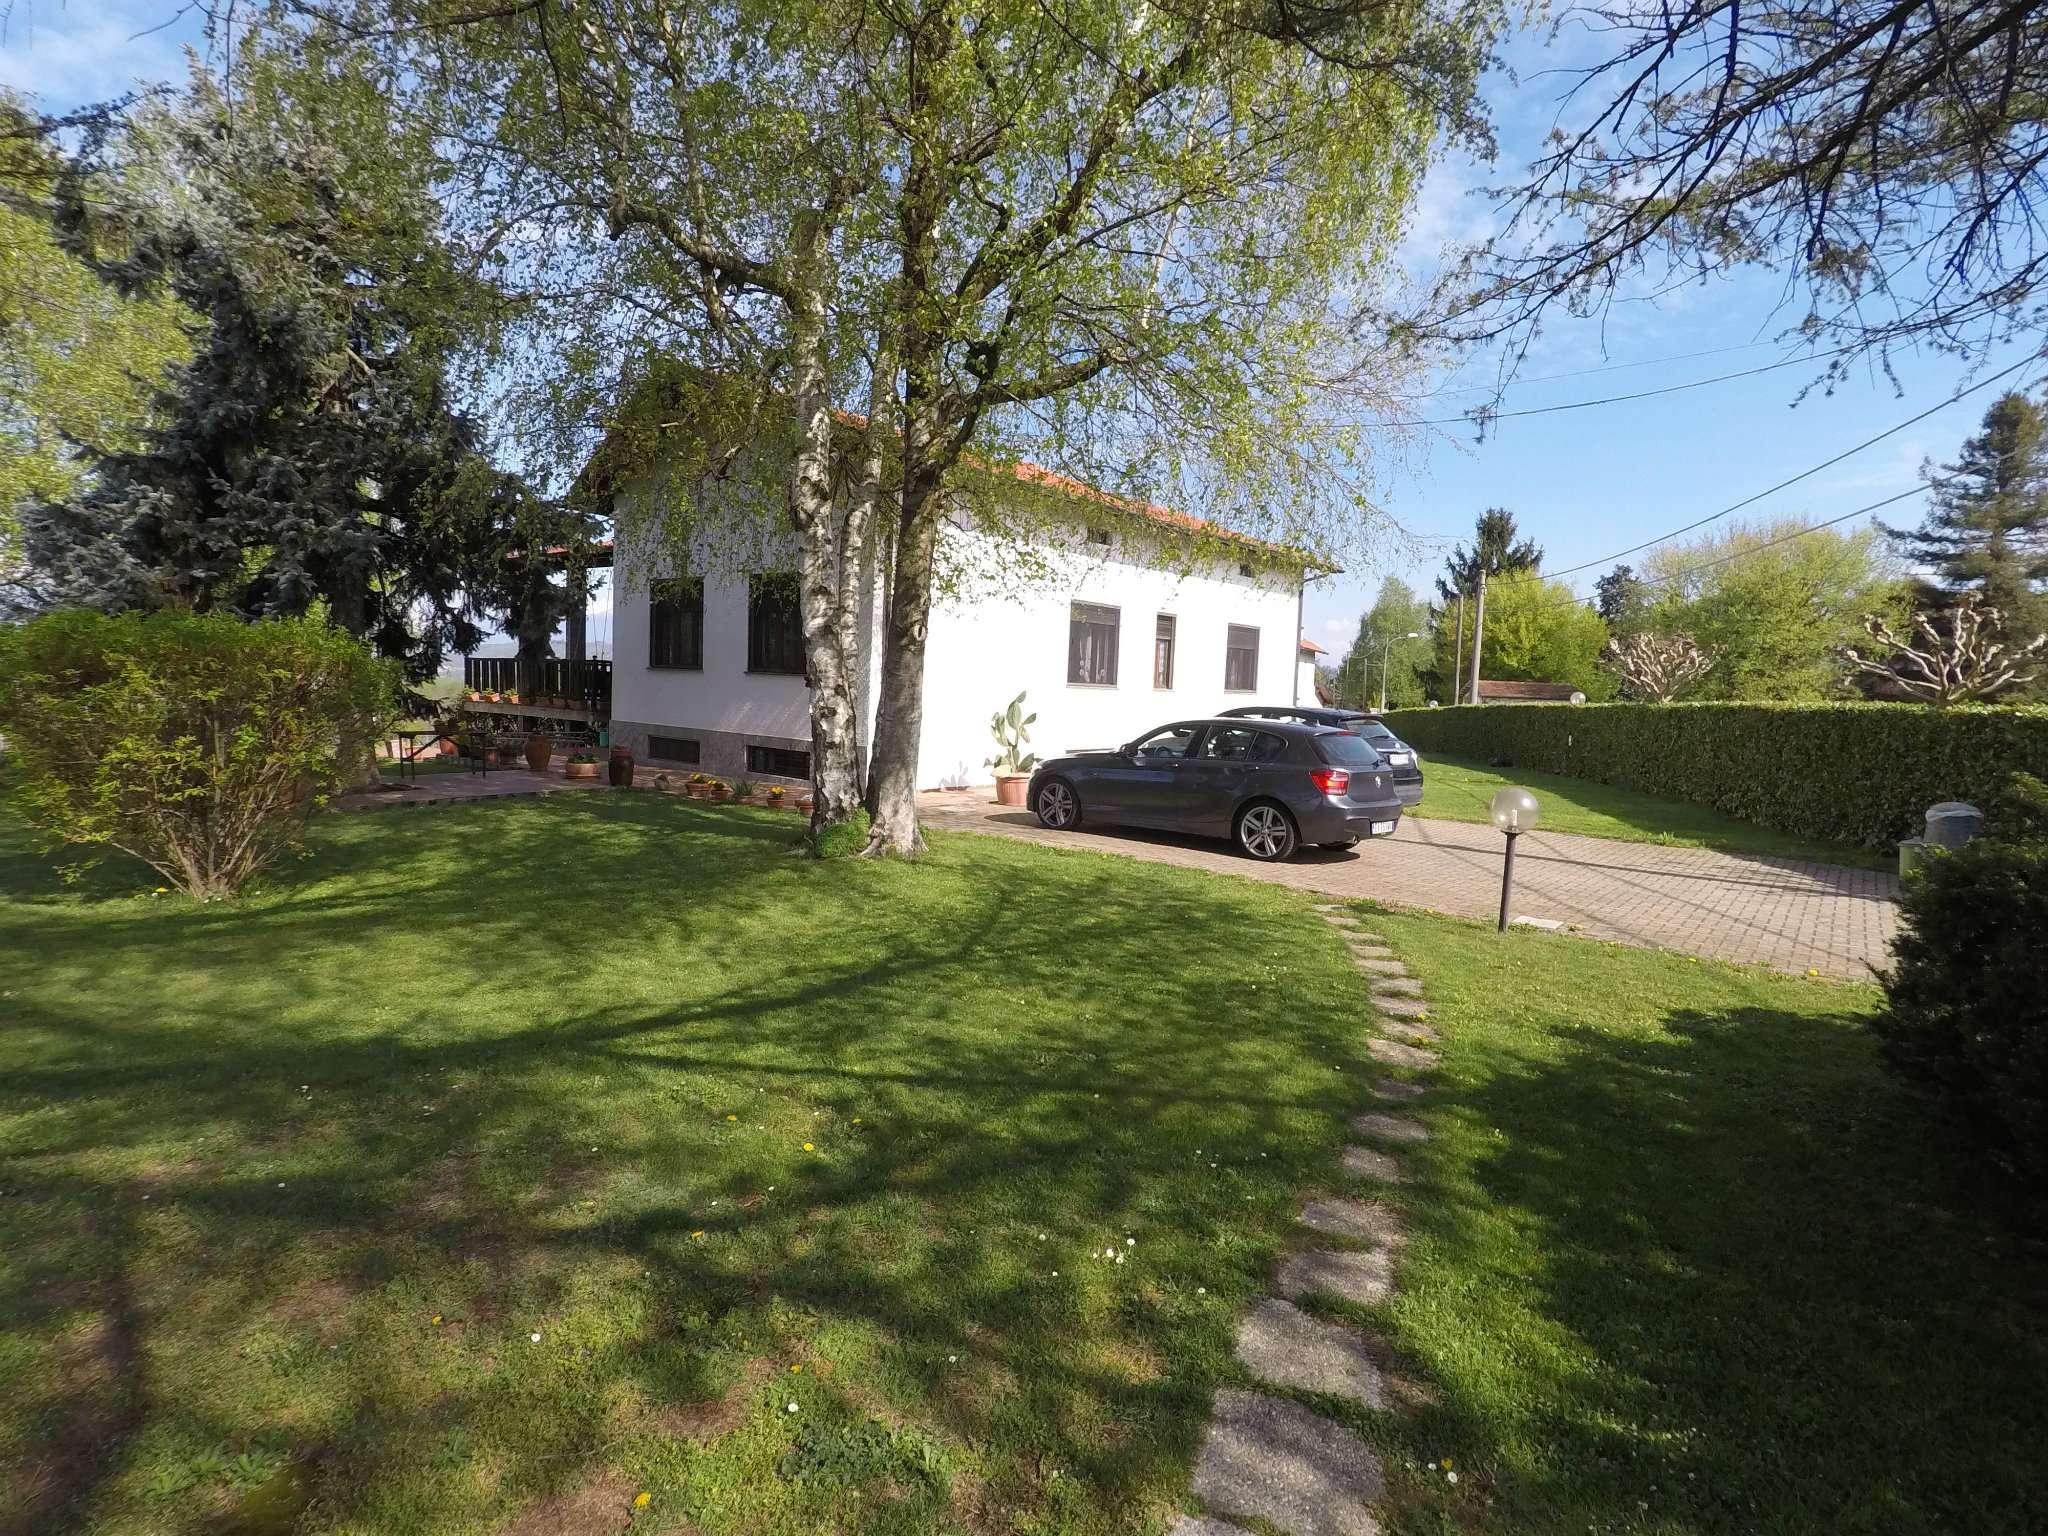 Villa in vendita a Moncrivello, 5 locali, prezzo € 255.000 | CambioCasa.it